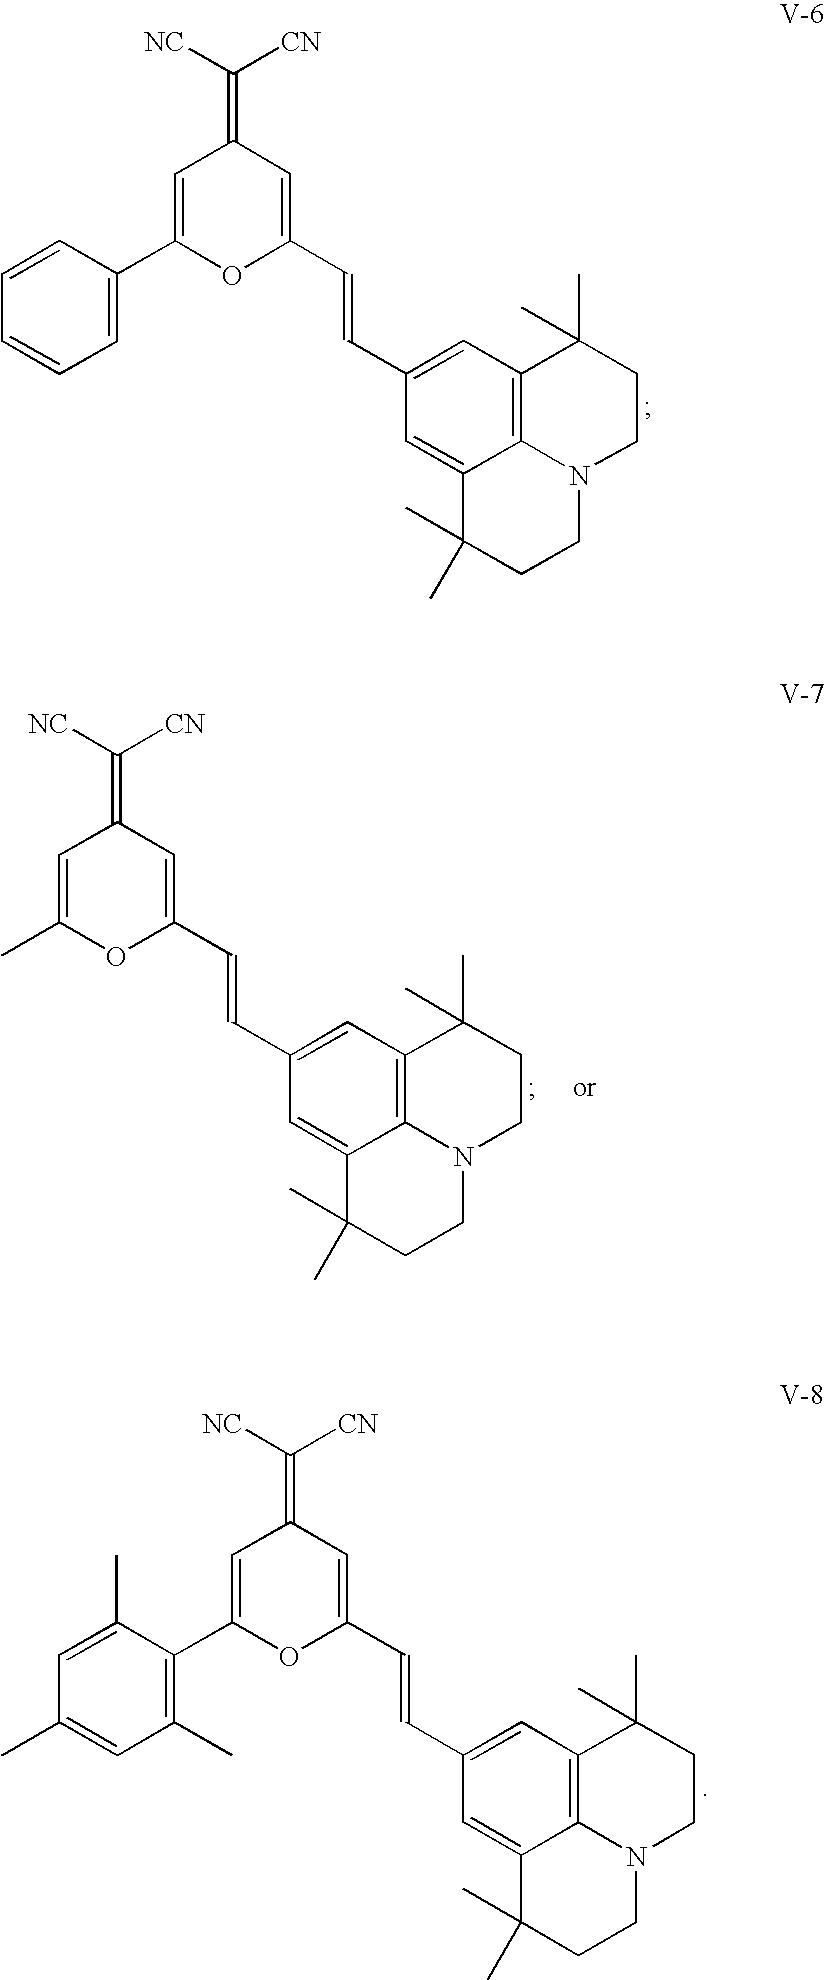 Figure US20070048545A1-20070301-C00046